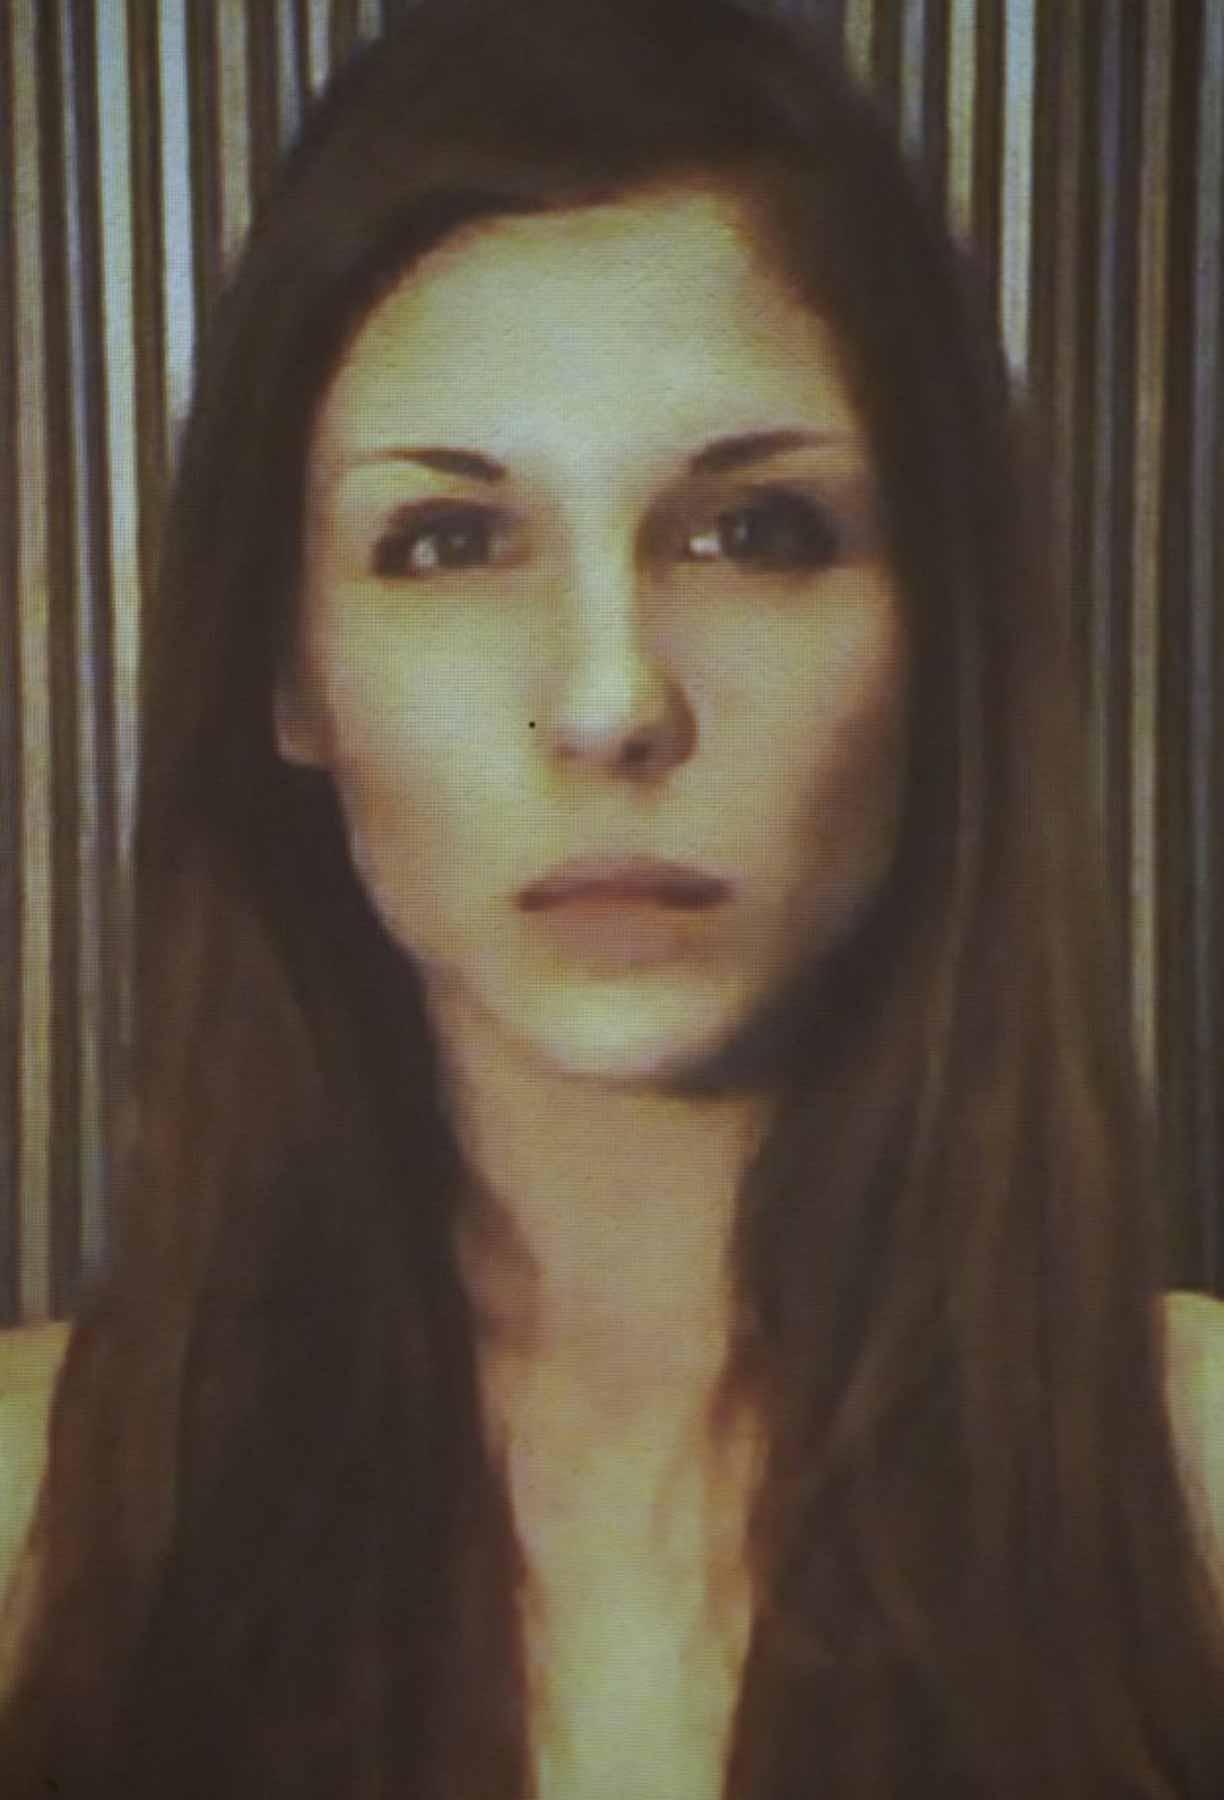 IRIS, 26, COLOGNE, GERMANY iris-mg-4144-624x918